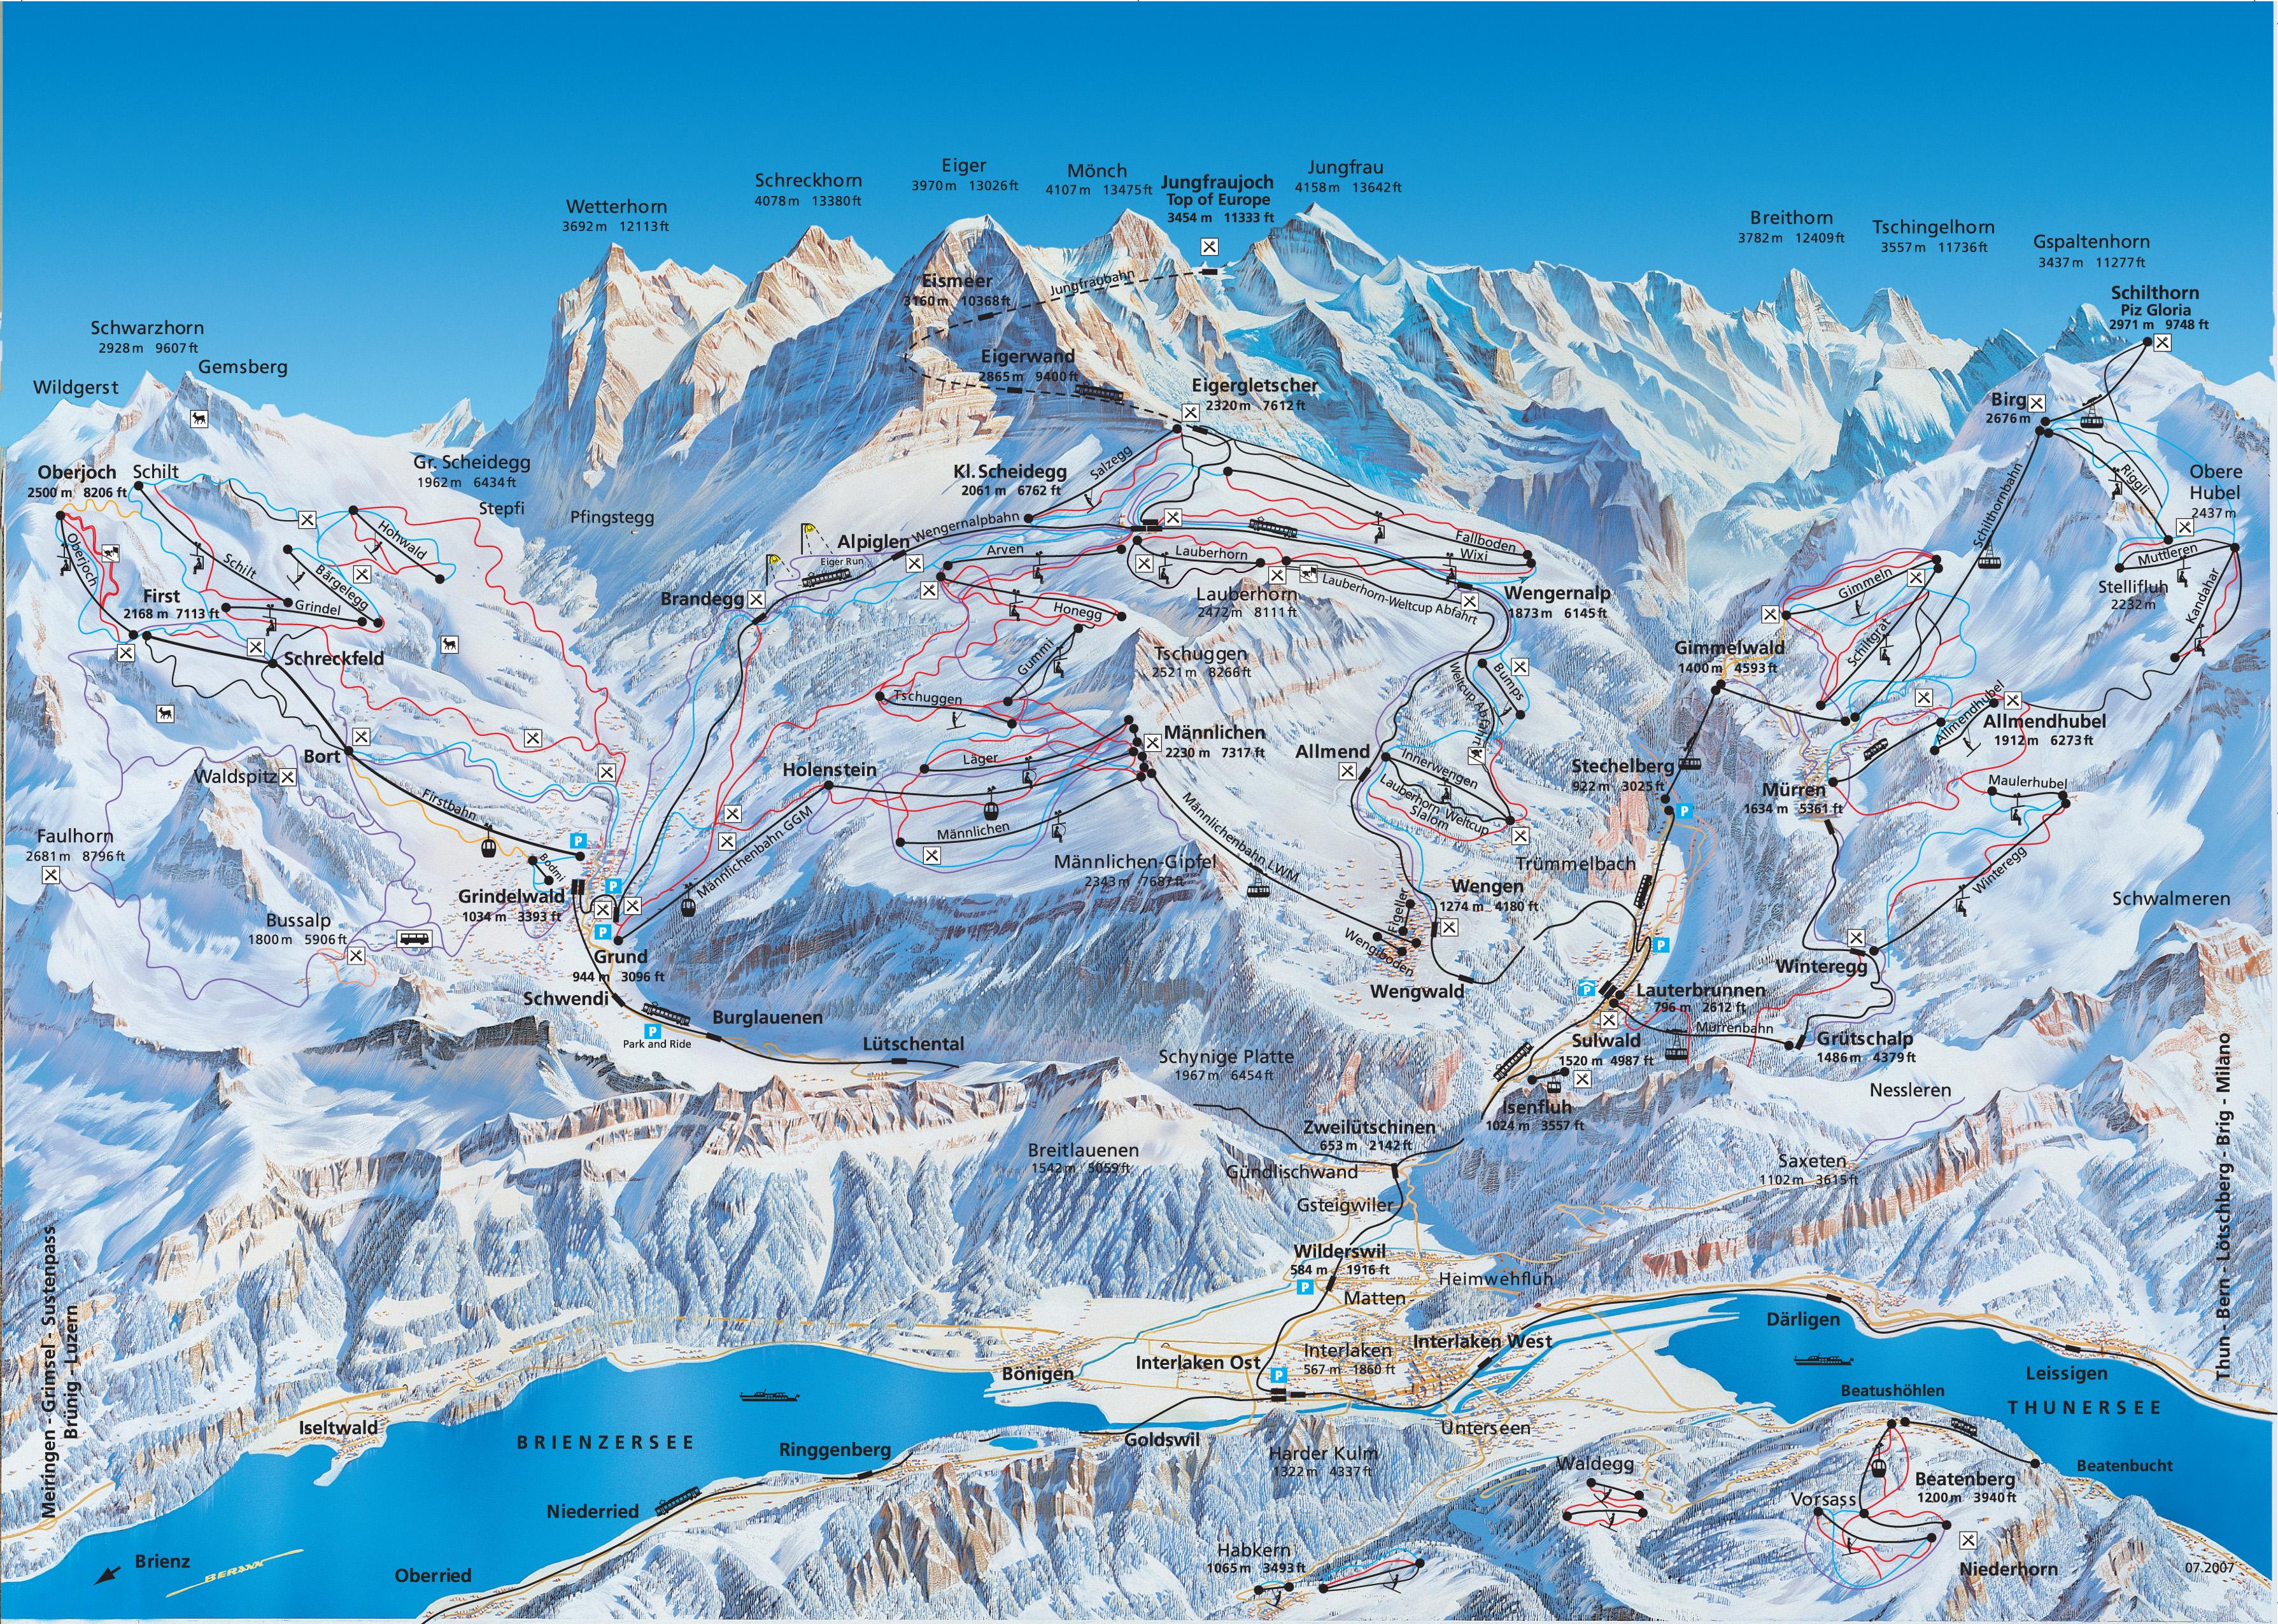 Image result for wengen ski map Венген (Wengen), Швейцария - горнолыжный курорт Венген в Швейцарии - история, путеводитель по Венгену, фото. Карта горнолыжных склонов Венгена, цены